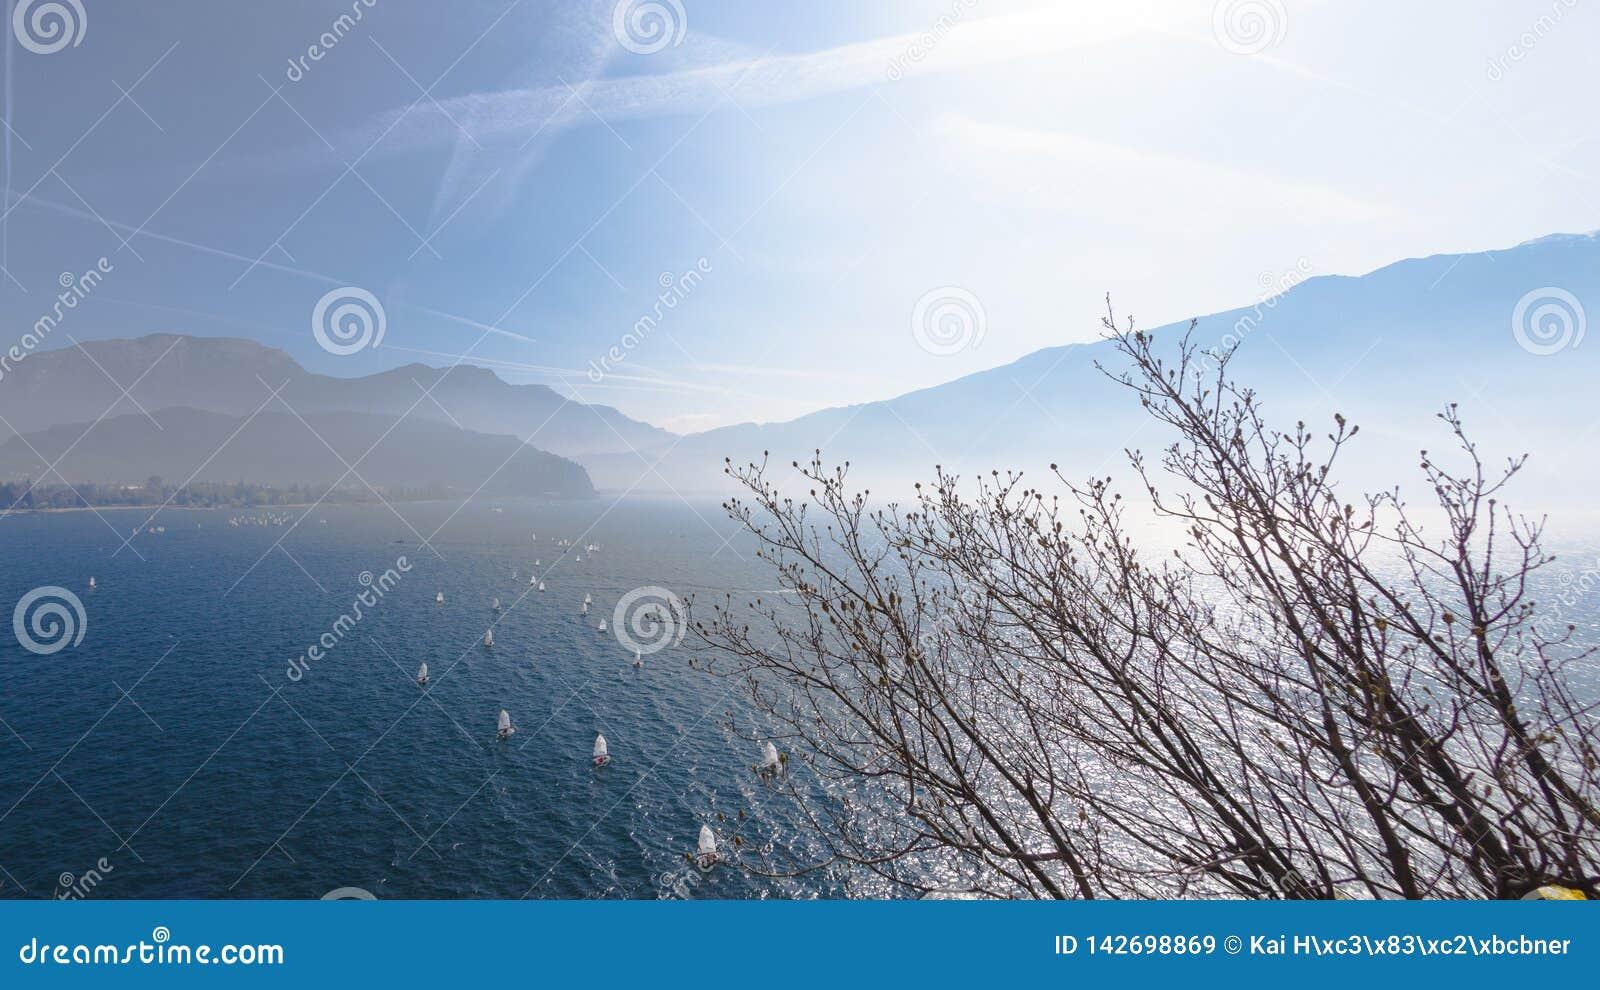 Yachting Panorama da paisagem com navigação do navio do sailer do iate por ondas do lago ou do mar em nivelar raios de sol do sol